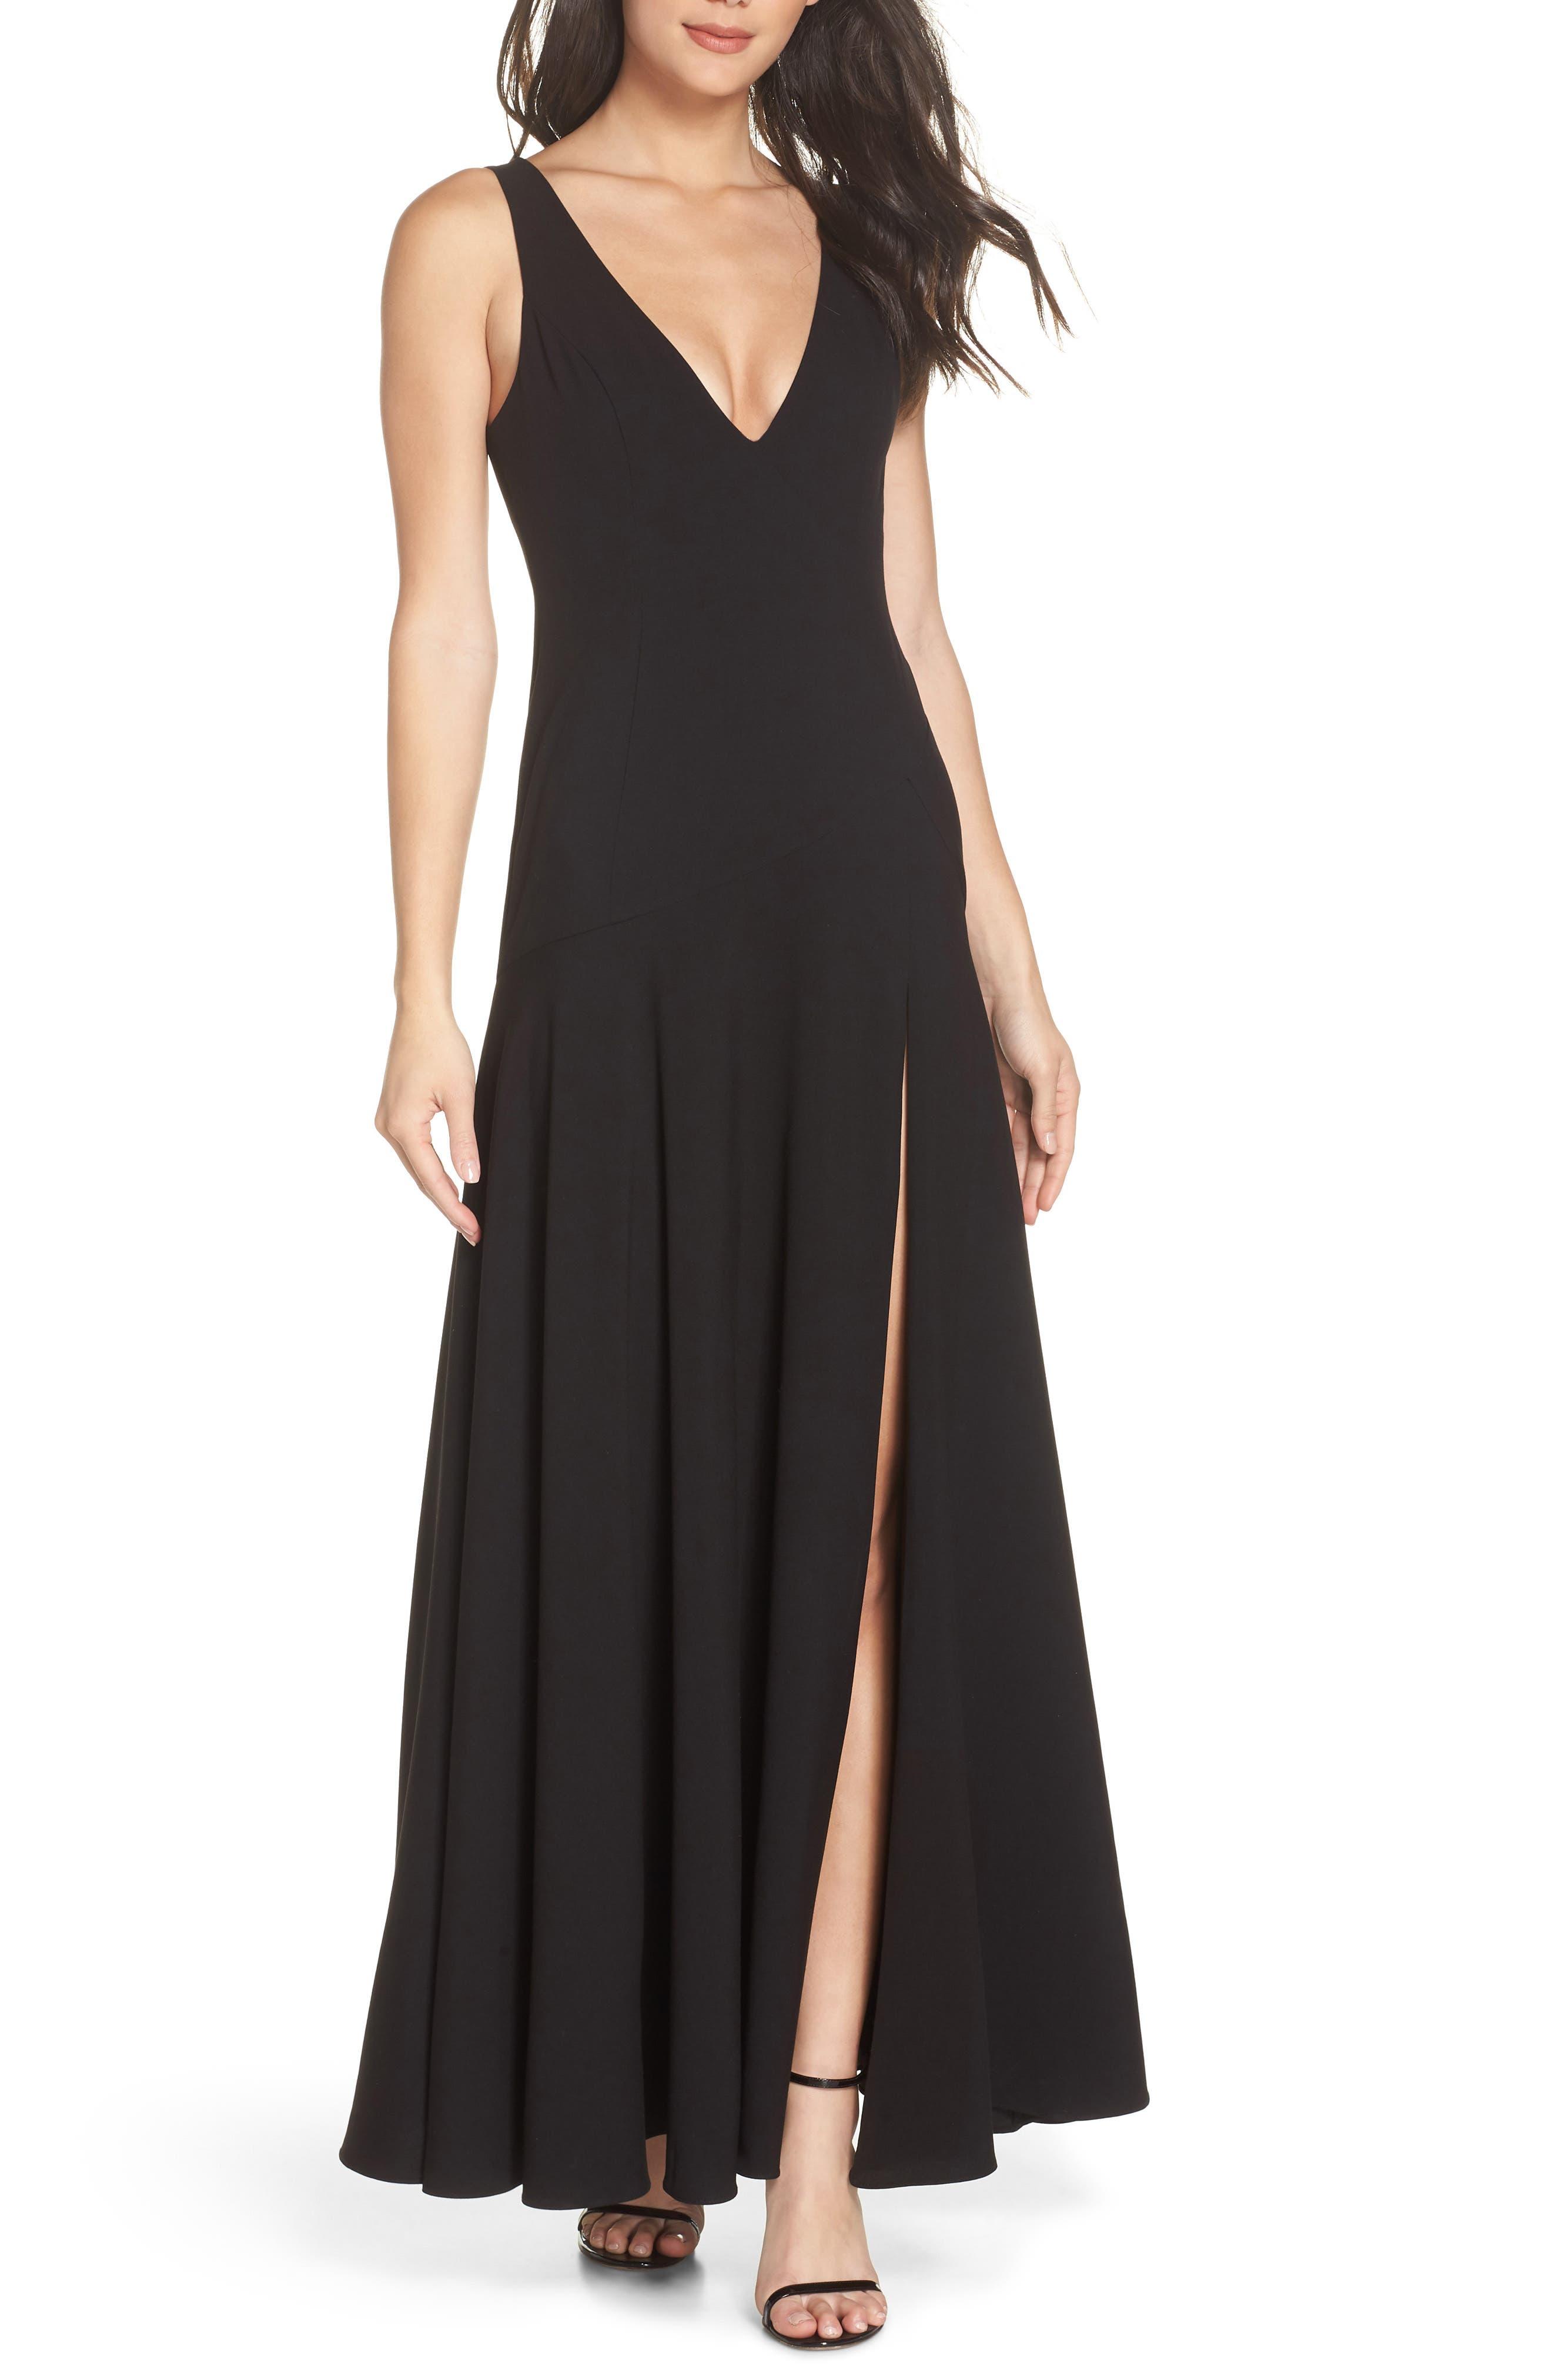 Fame & Partners The Hazel Front Slit Gown,                             Main thumbnail 1, color,                             BLACK